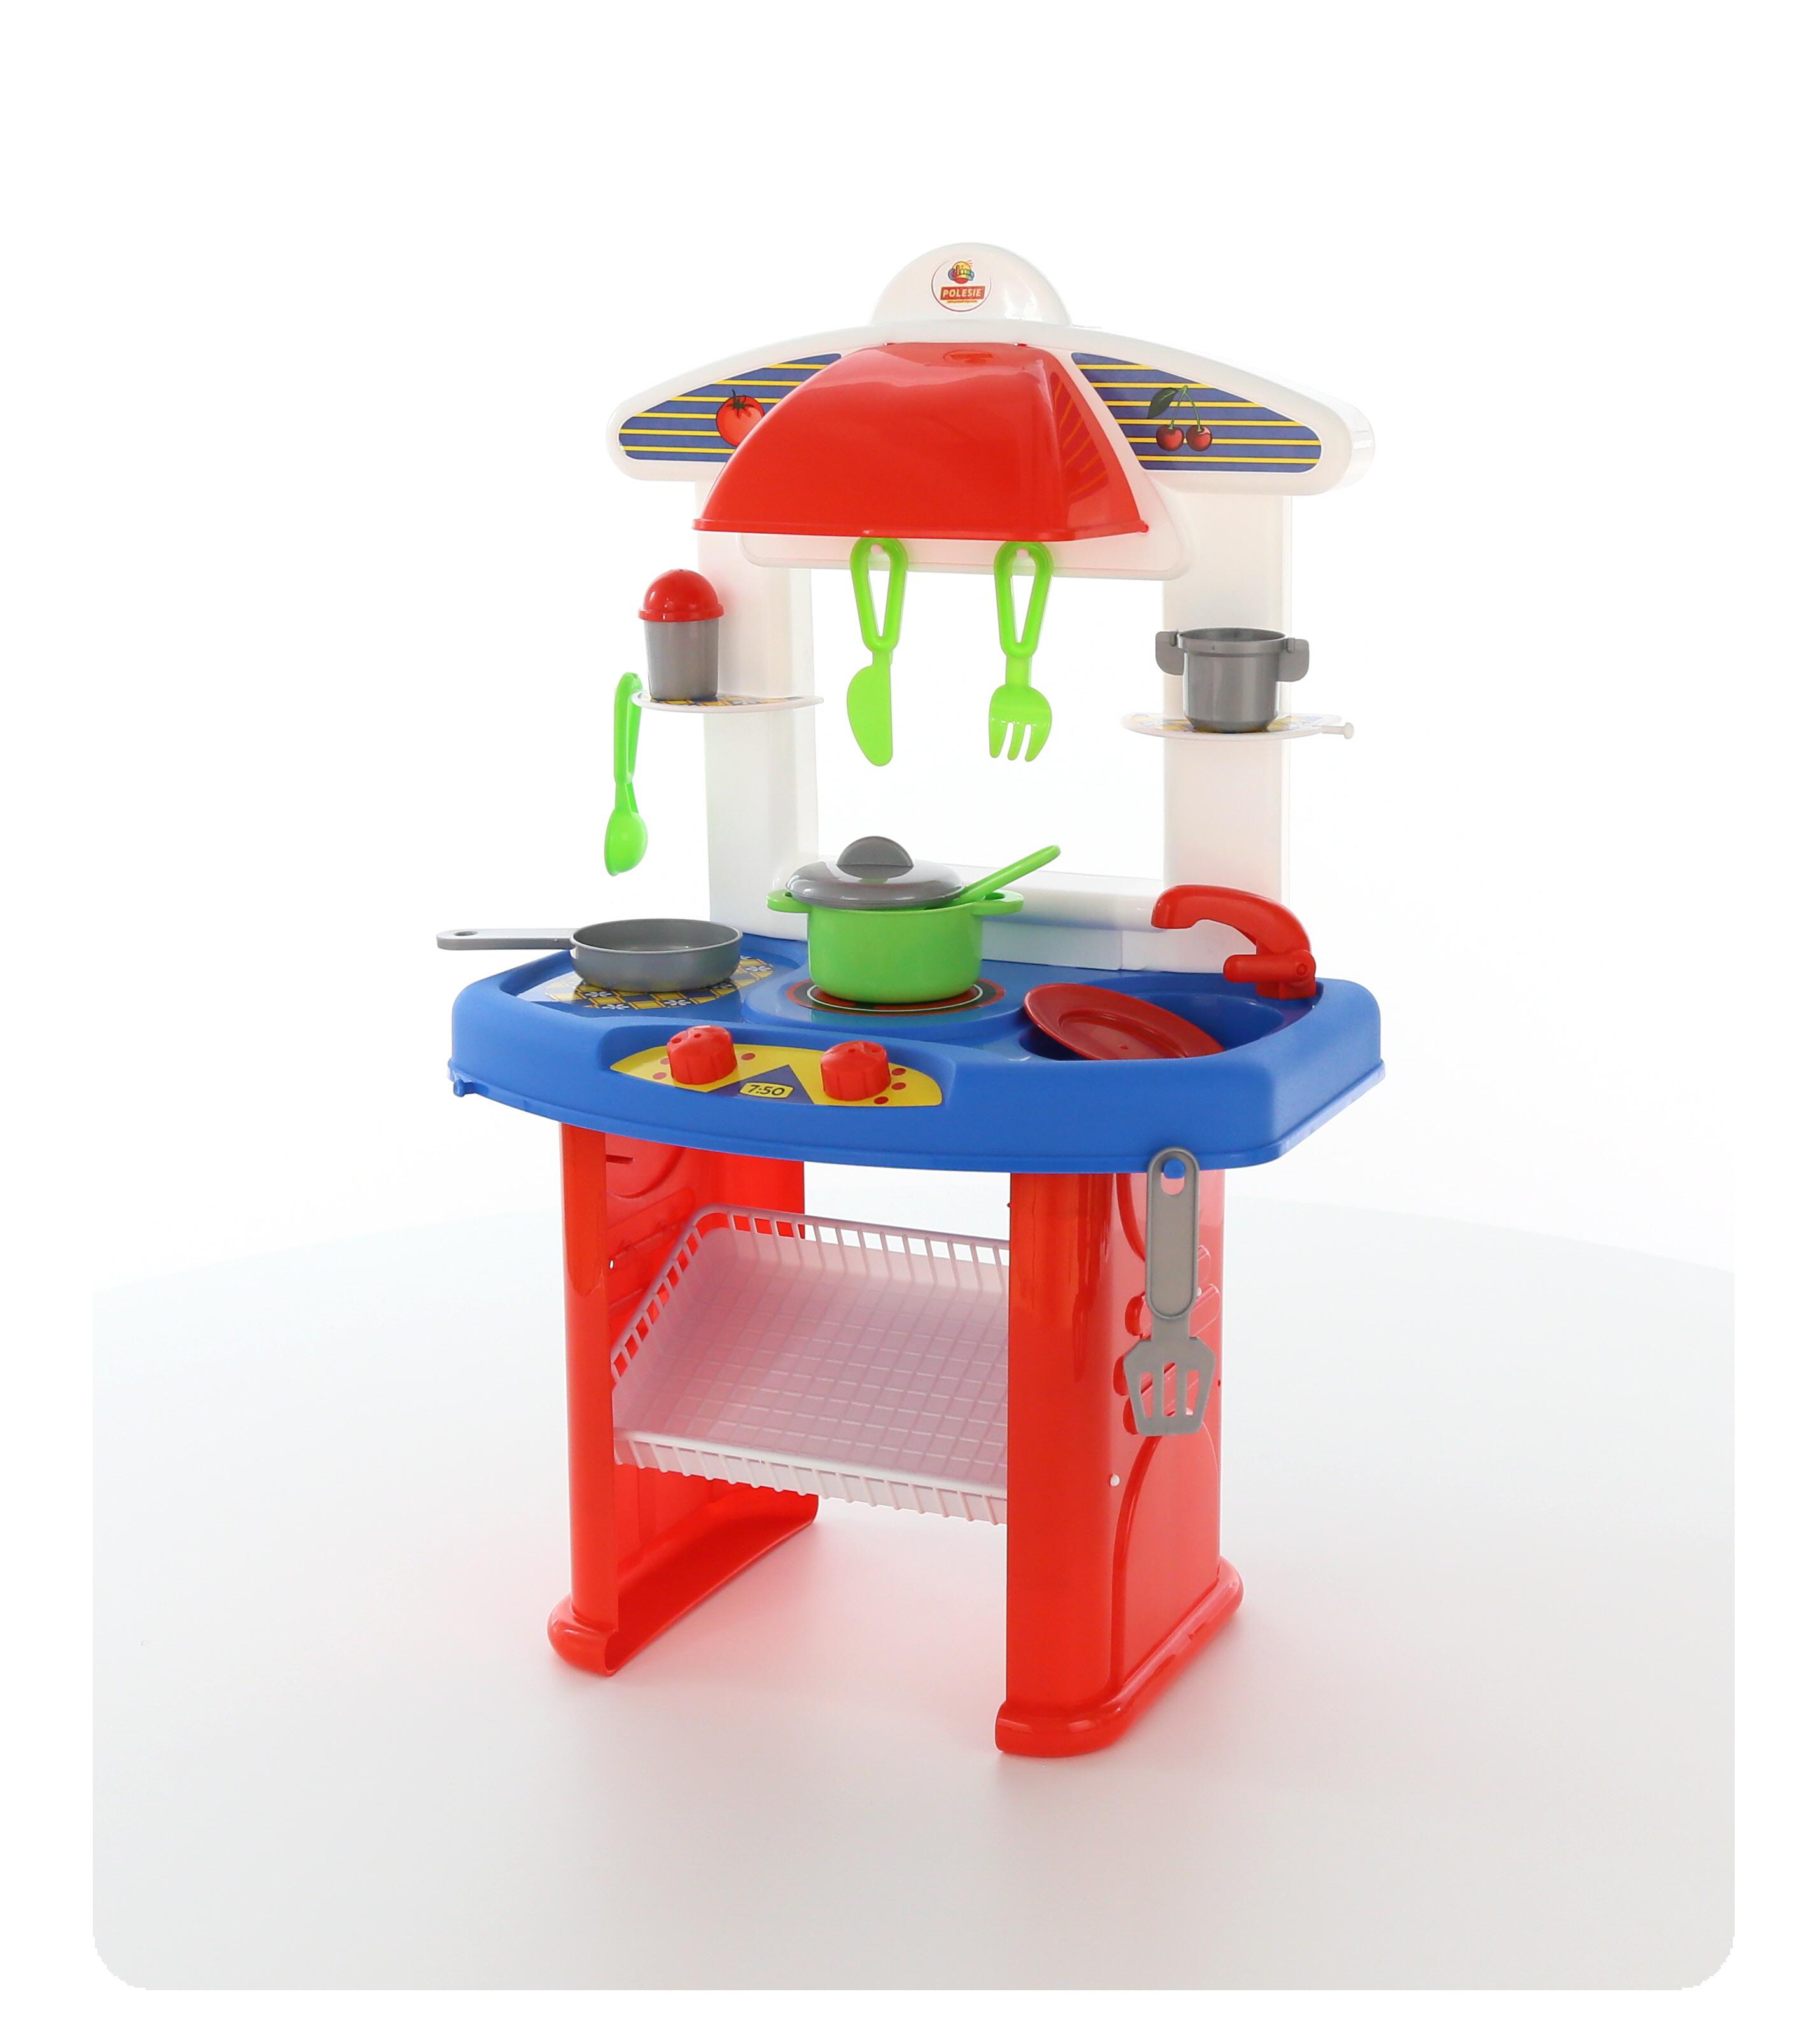 Набор-мини Кухня Яна, в коробкеДетские игровые кухни<br>Набор-мини Кухня Яна, в коробке<br>